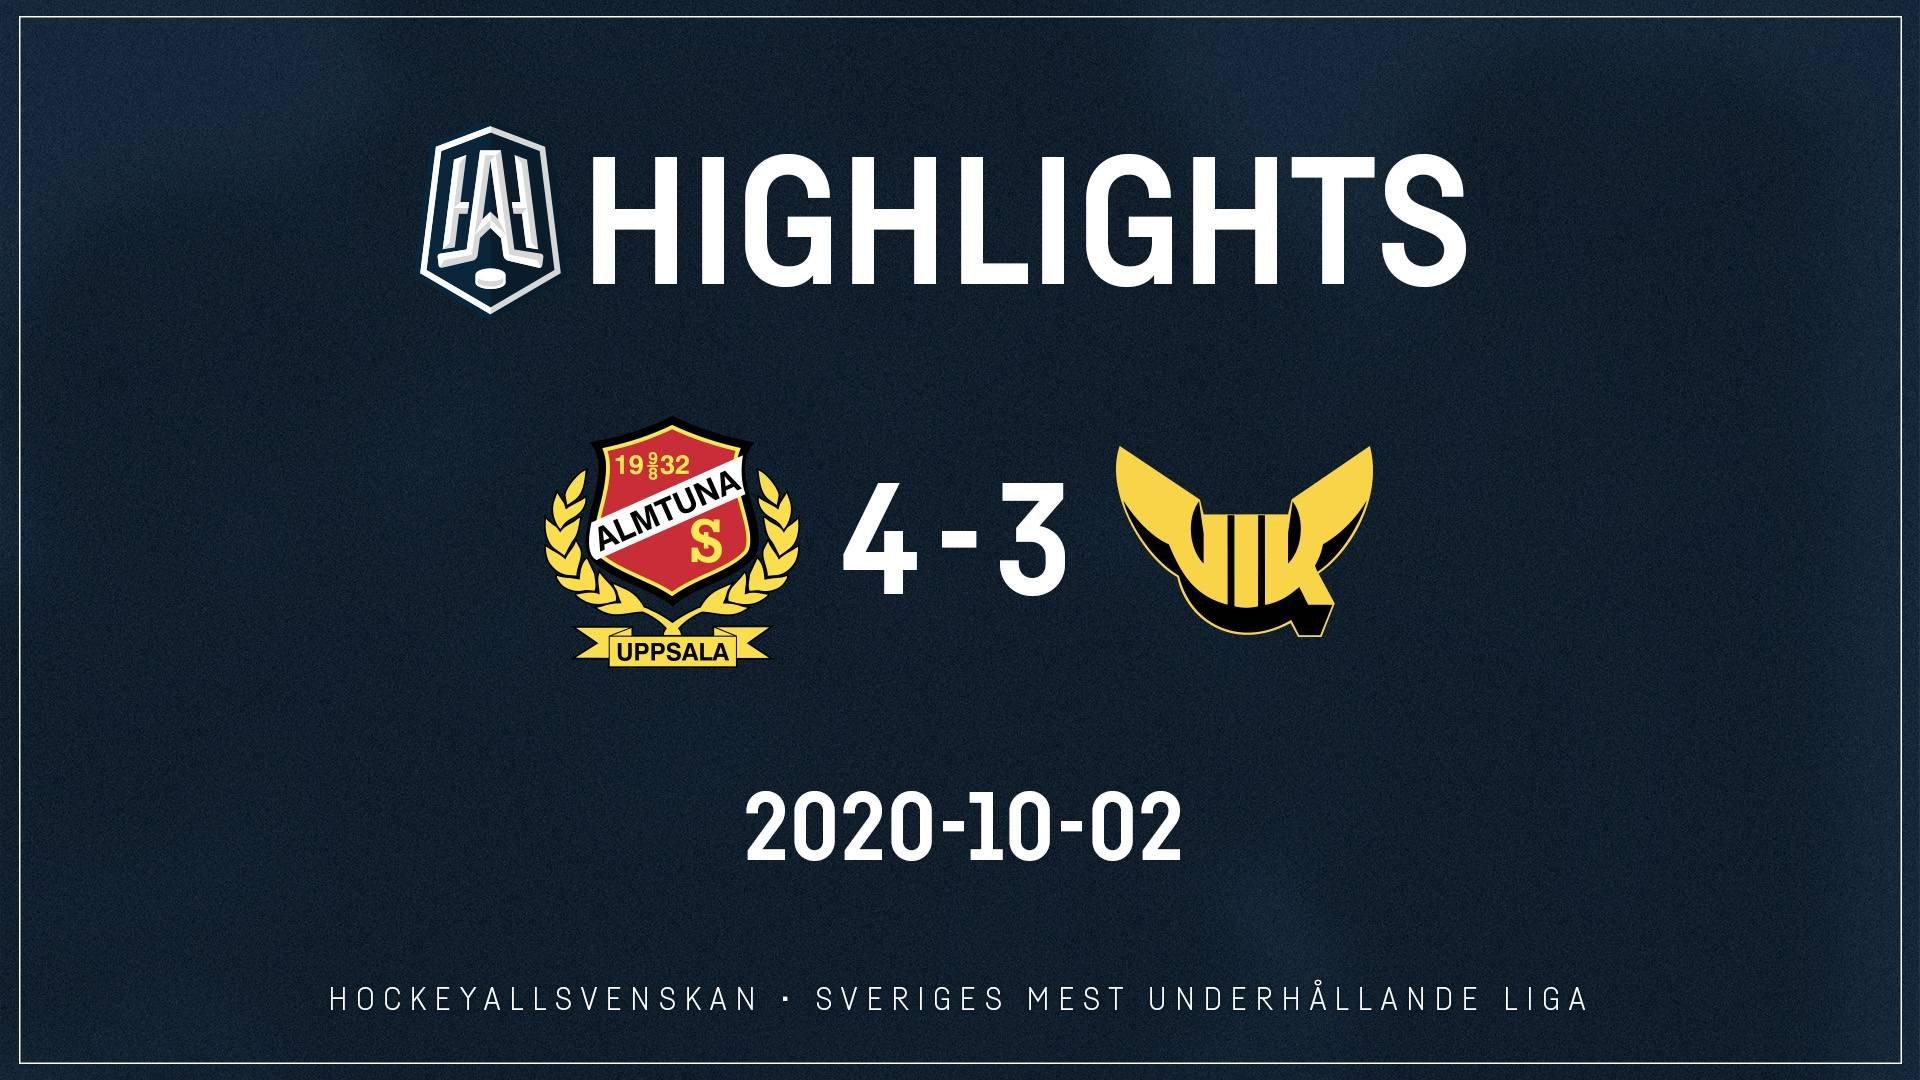 2020-10-02 Almtuna - Västerås 4-3